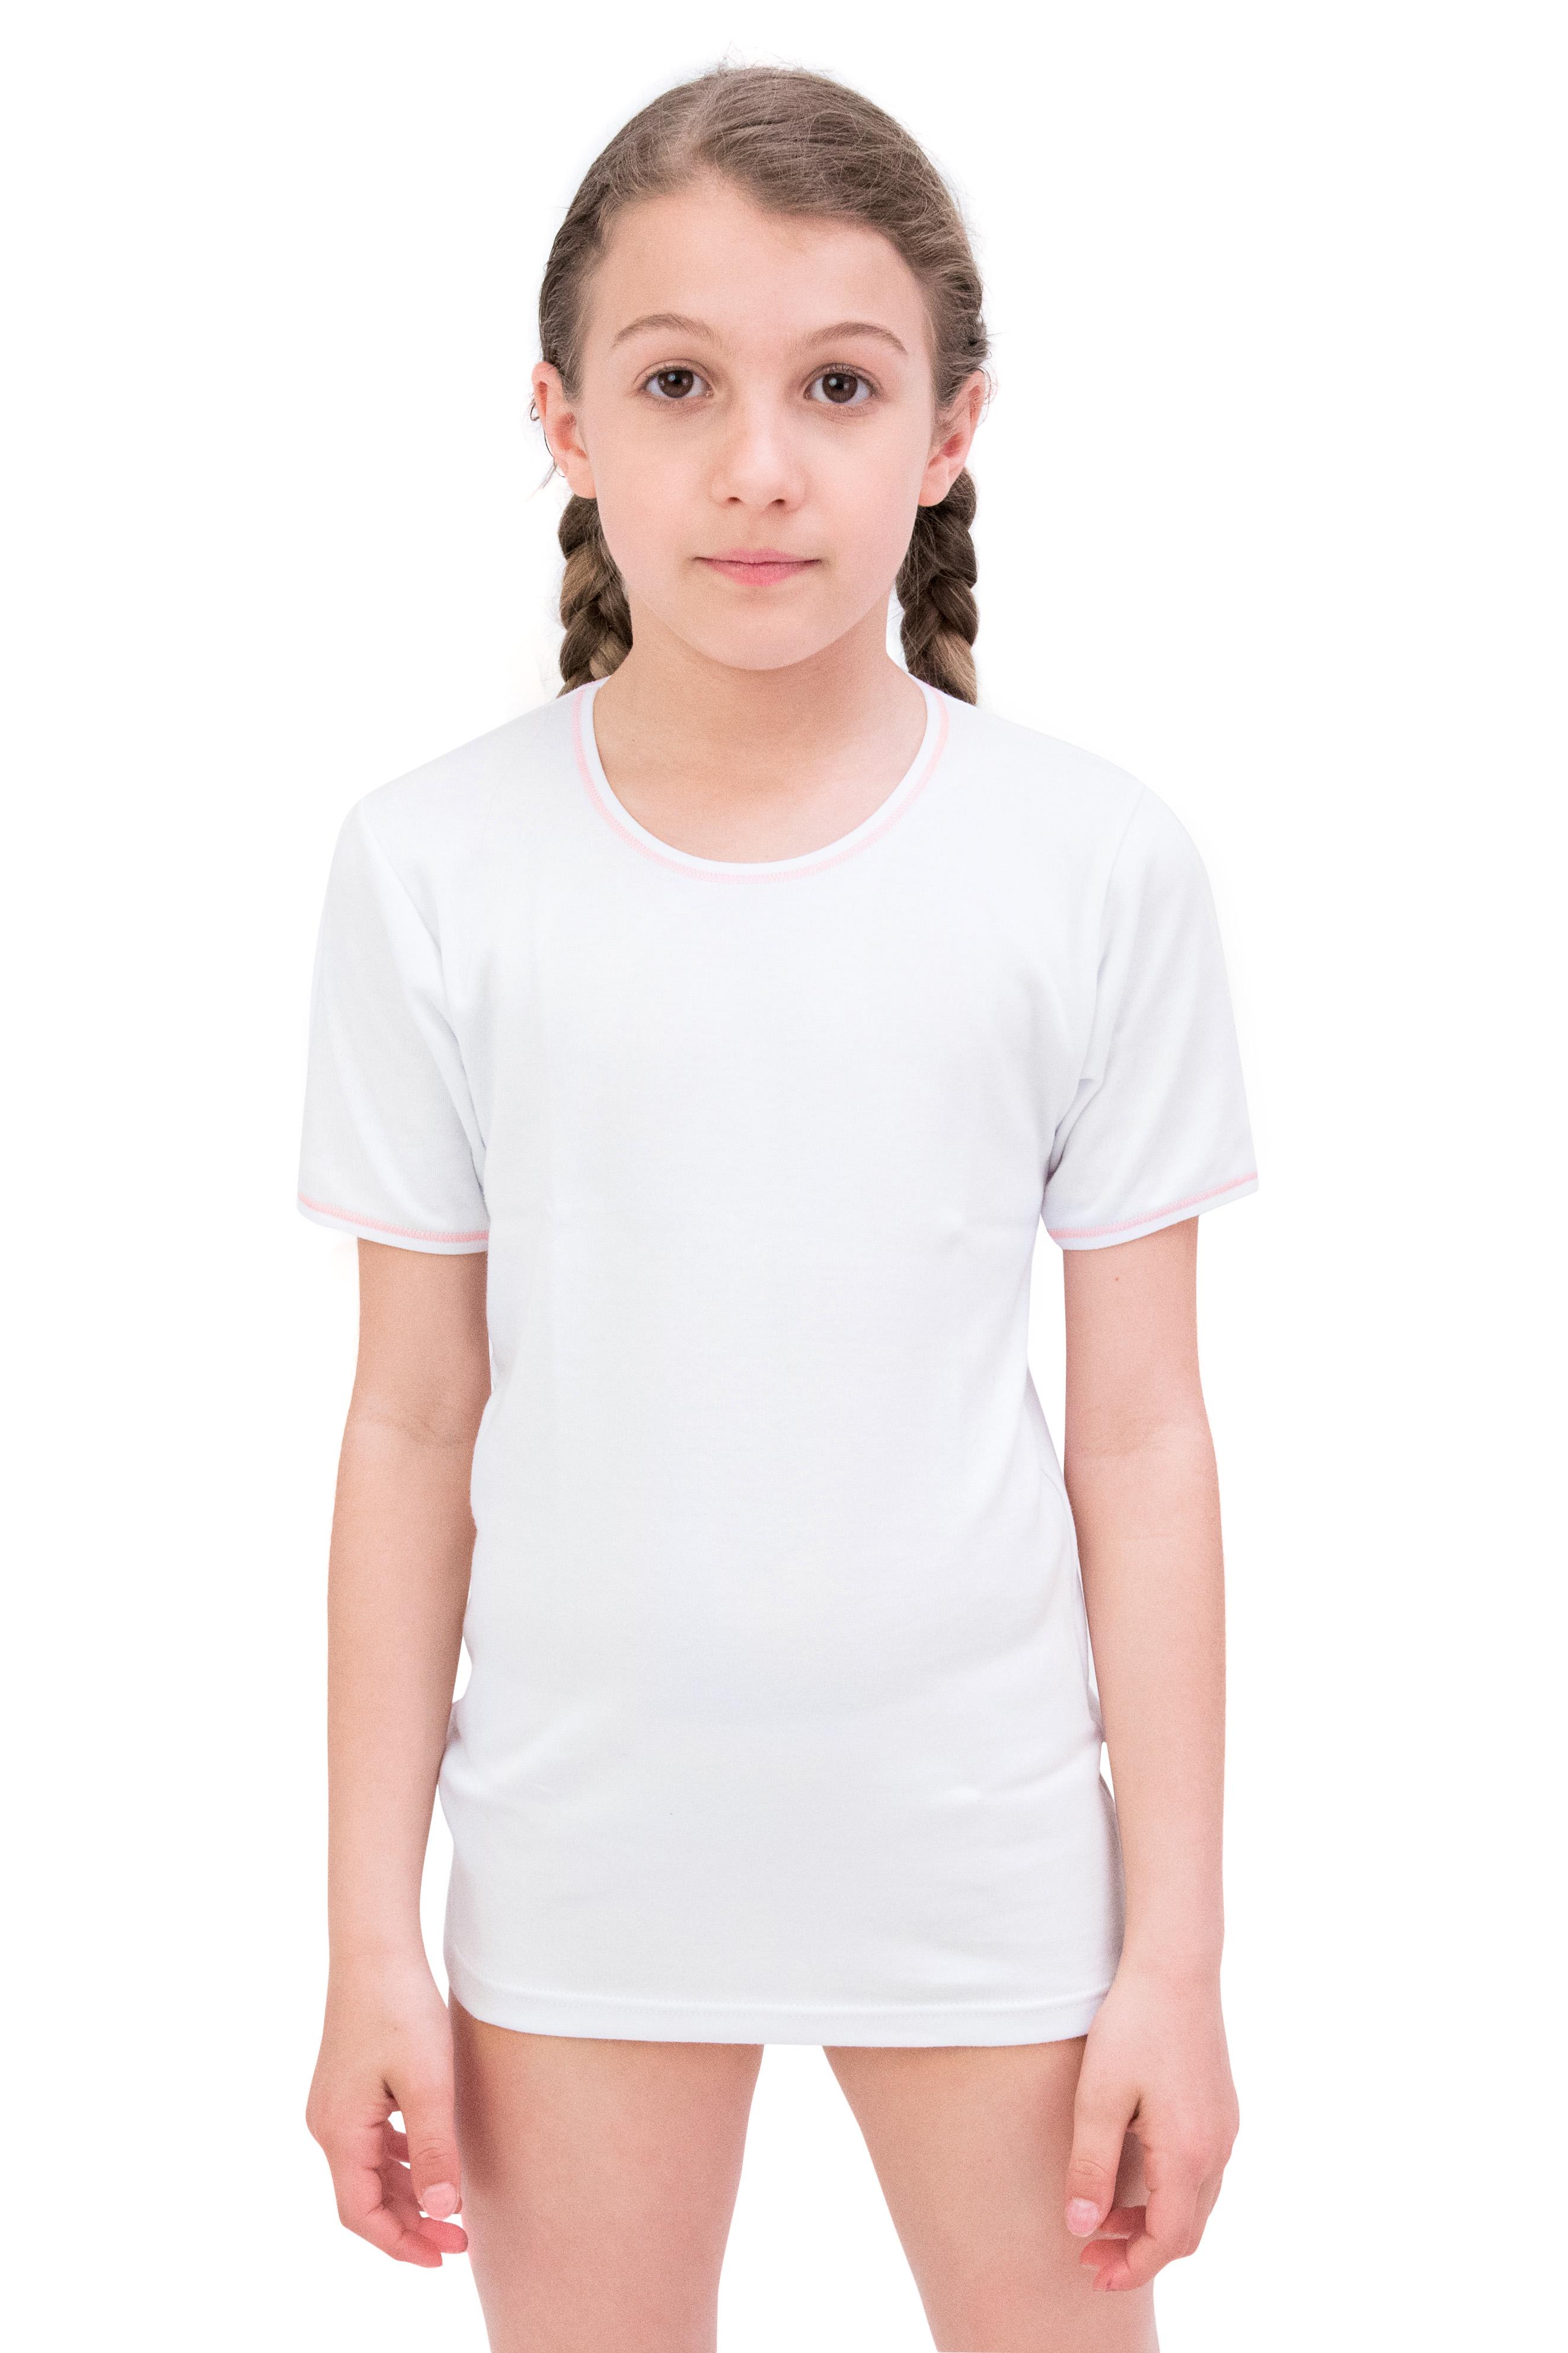 Maglietta in cotone termico invernale 1095